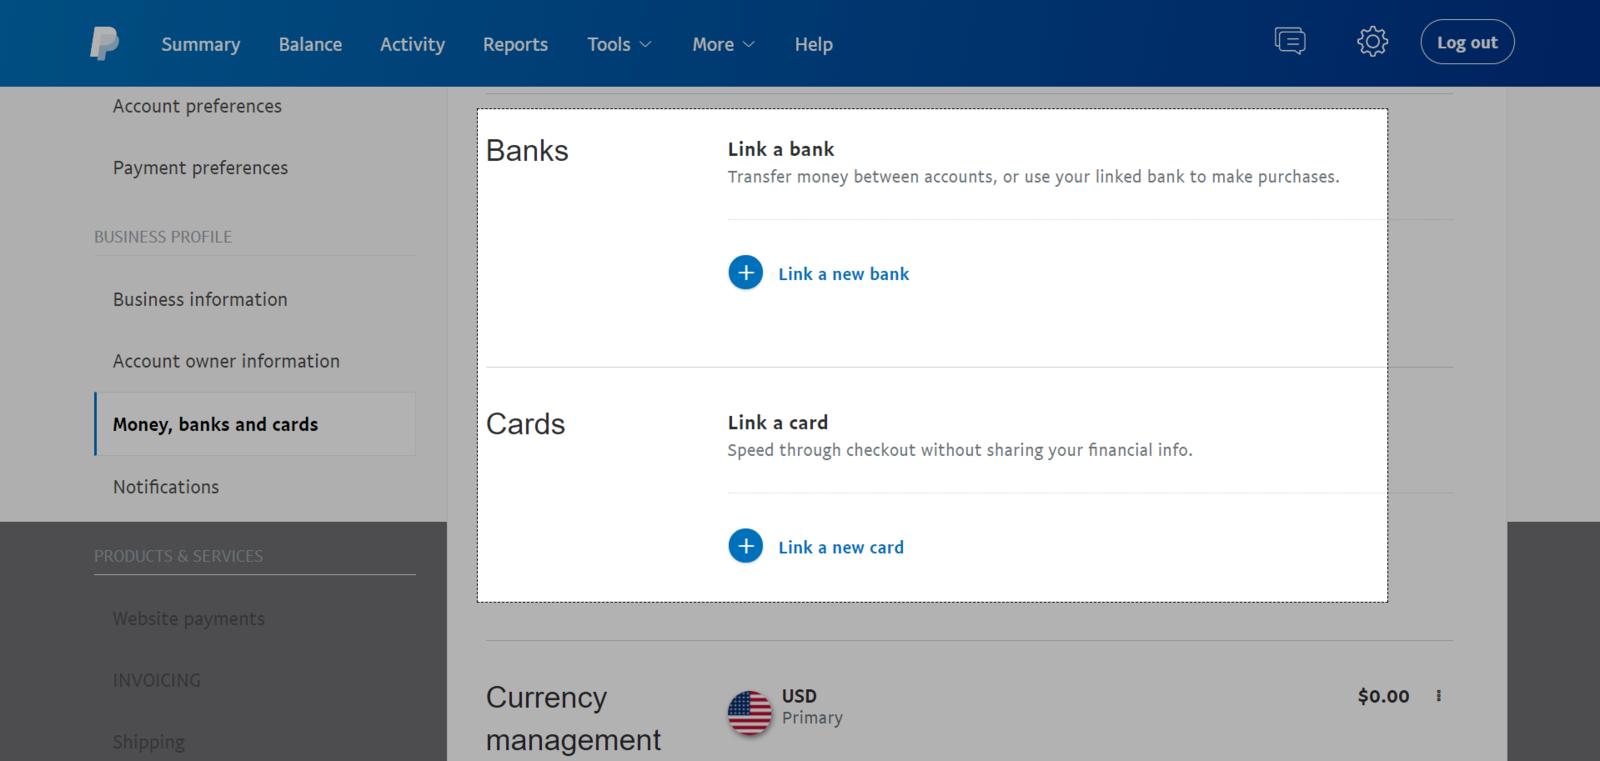 Nhấn vào Link a new bank để thêm tài khoản ngân hàng và Link a new card để thêm thẻ ghi nợ hoặc thẻ tín dụng